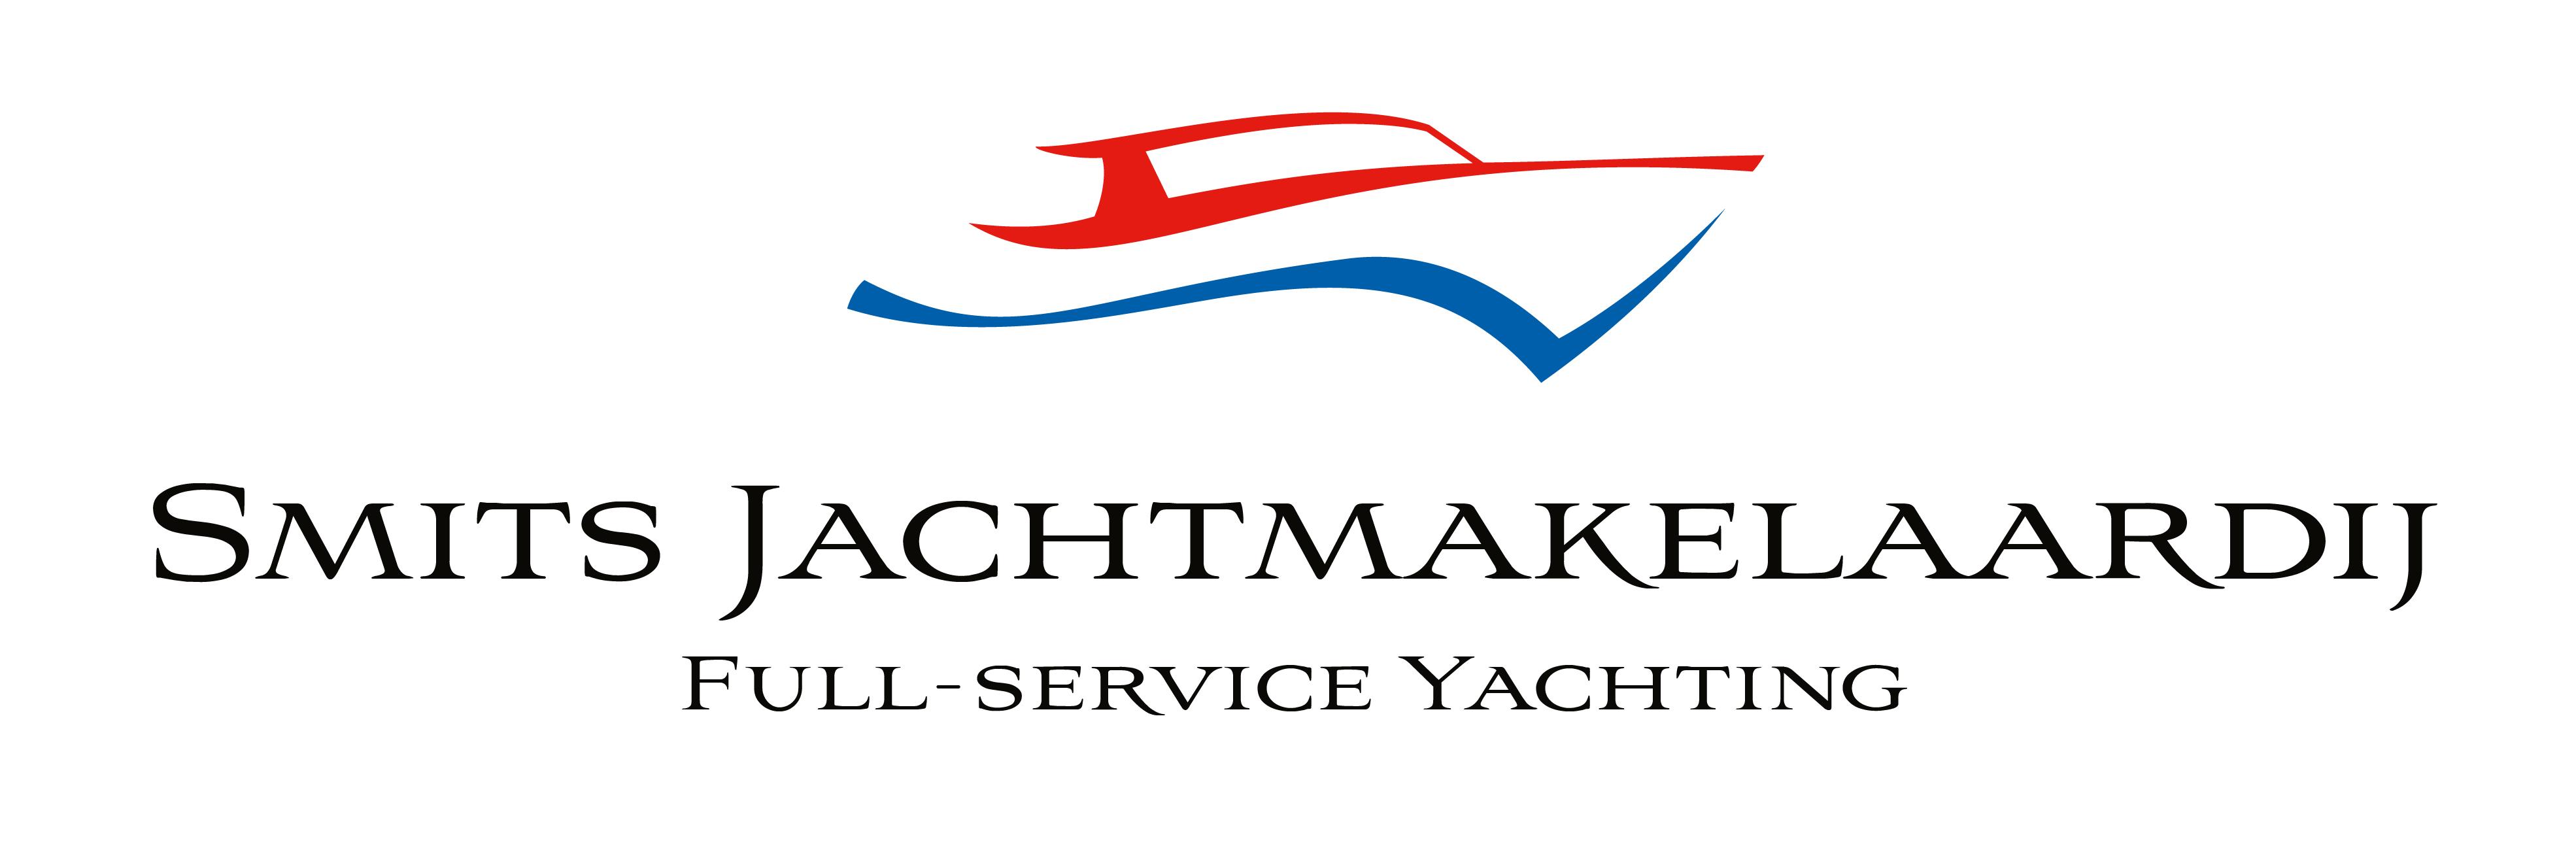 Összes eladó hajó Smits Jachtmakelaardij